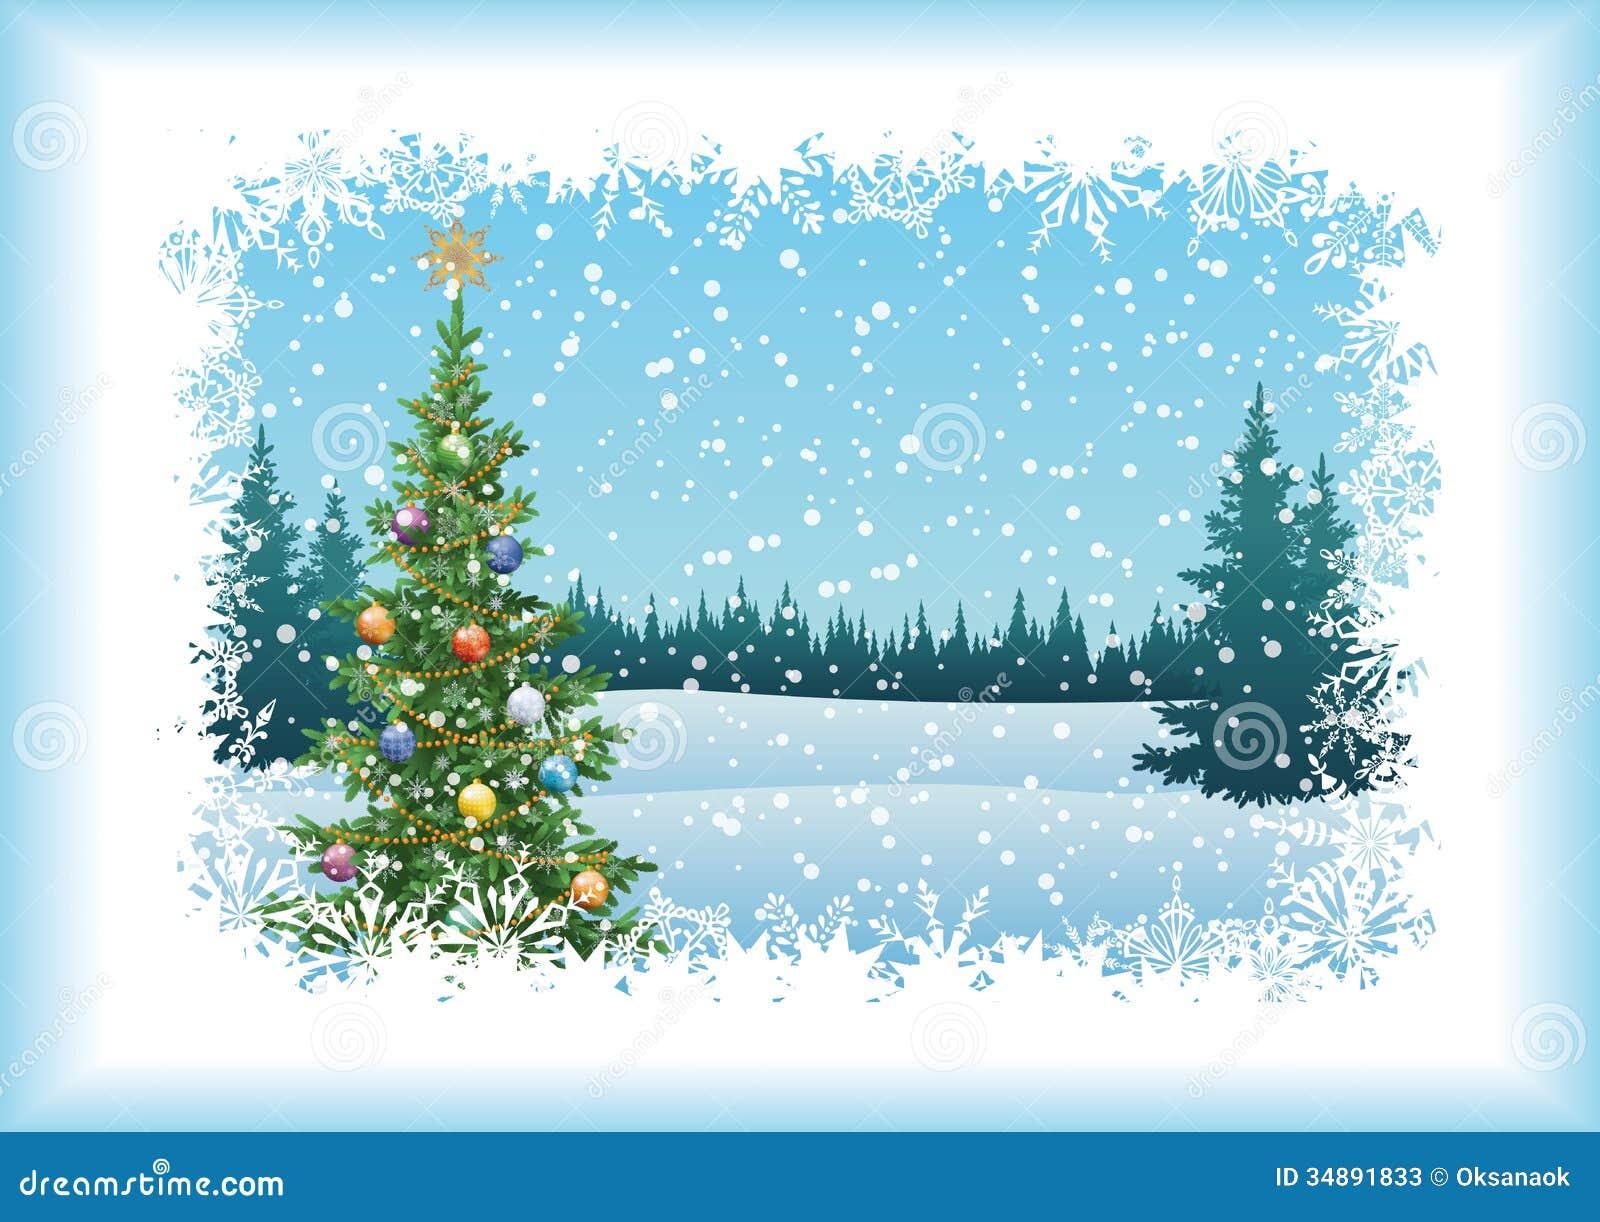 Silhouette Christmas Tree